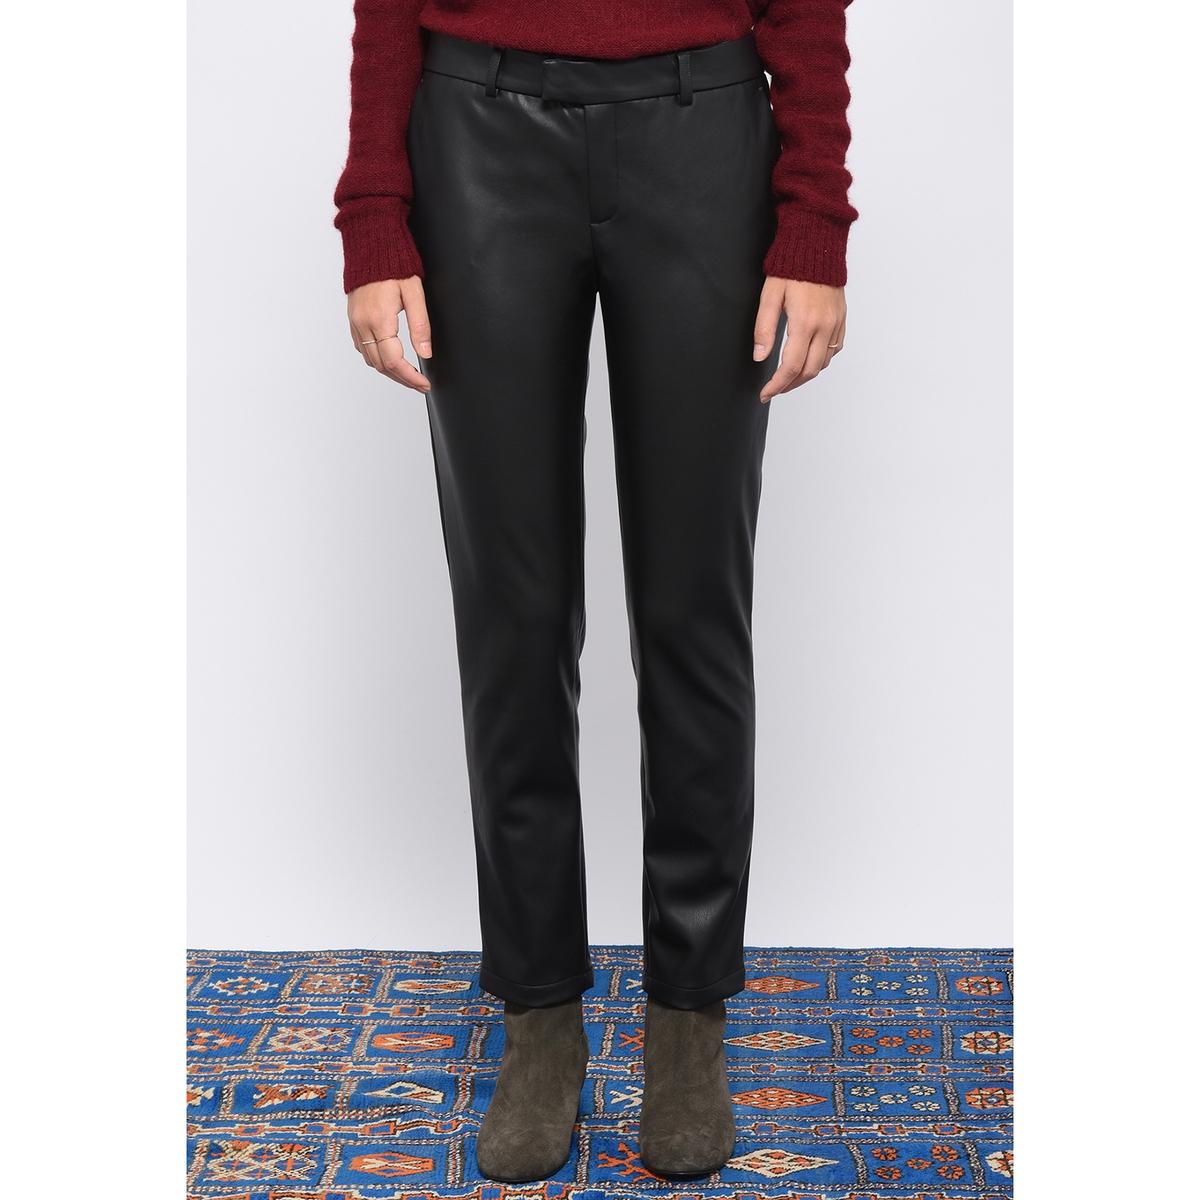 Брюки узкие с пропиткой джинсы узкие leon sc079 indigo knit